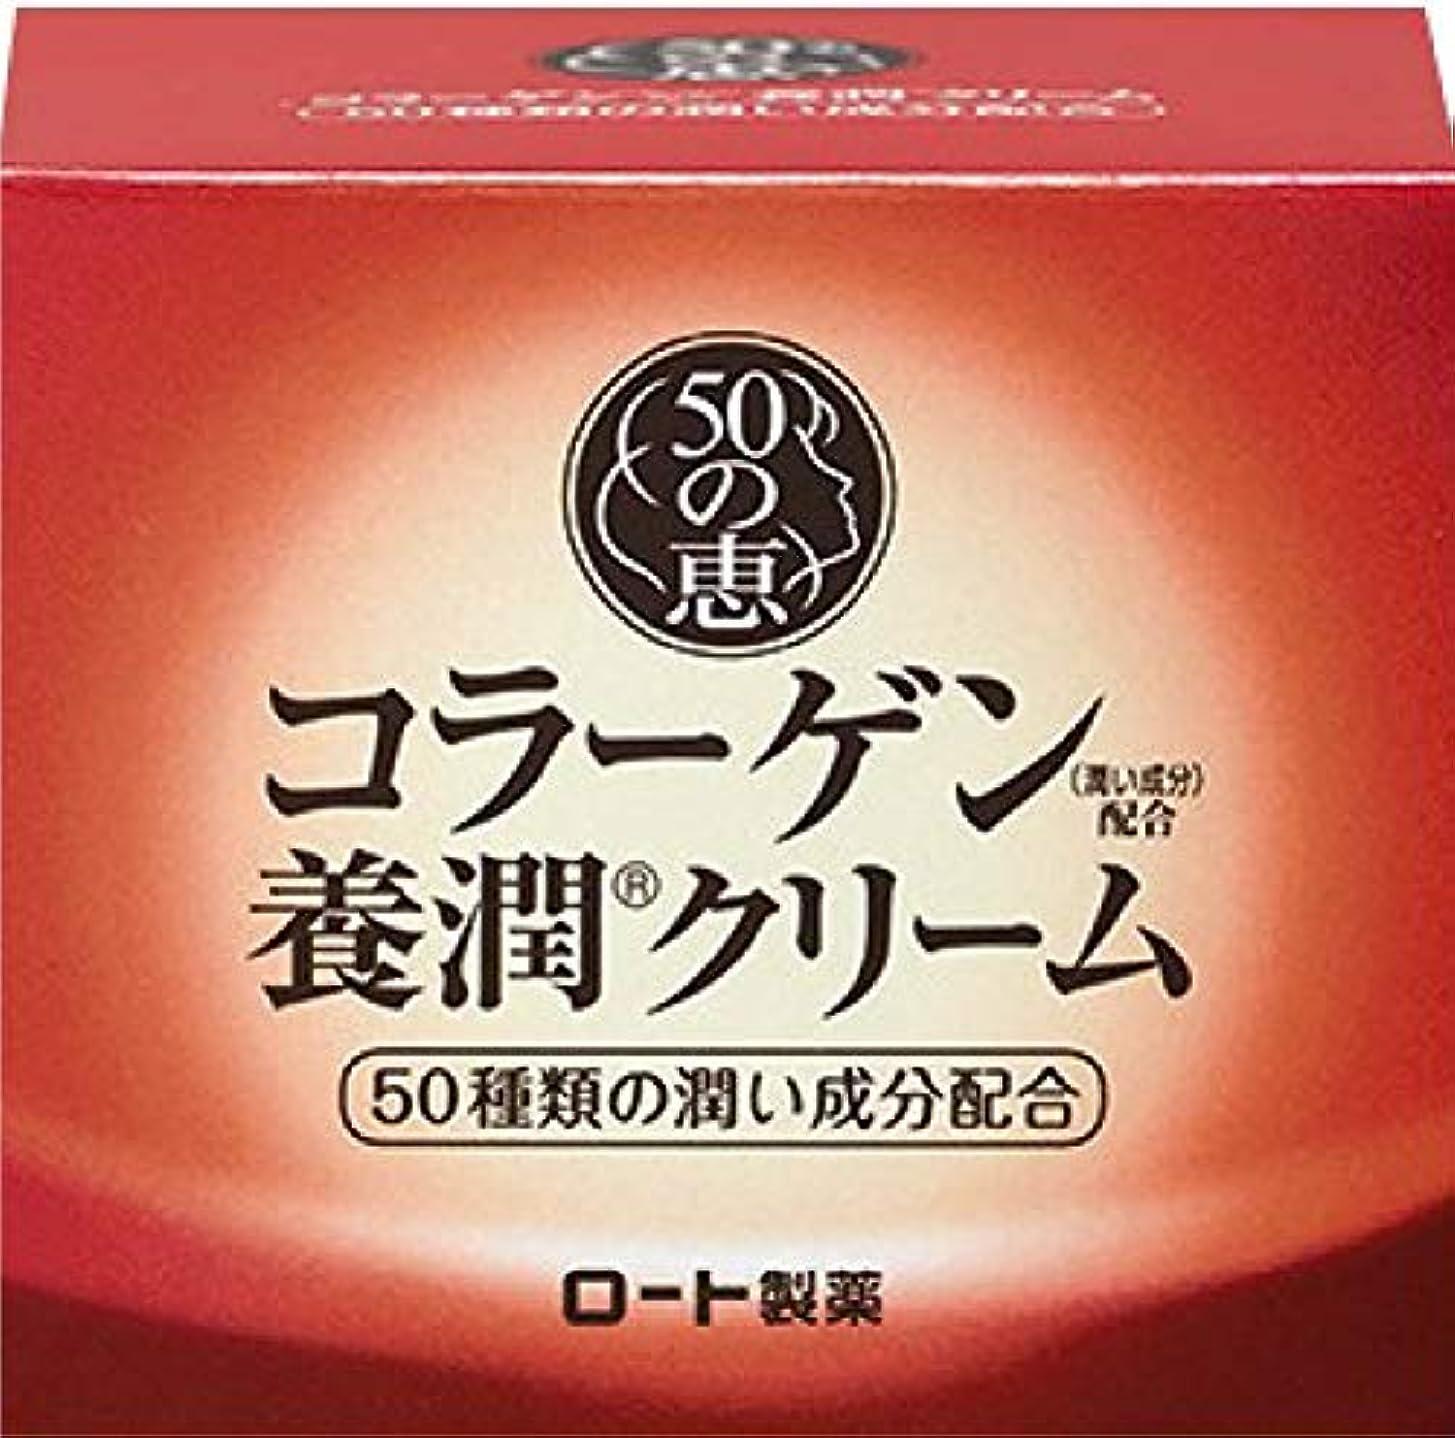 苦行魔法服ロート製薬 50の恵エイジングケア 養潤成分50種類配合 クリーム 90g